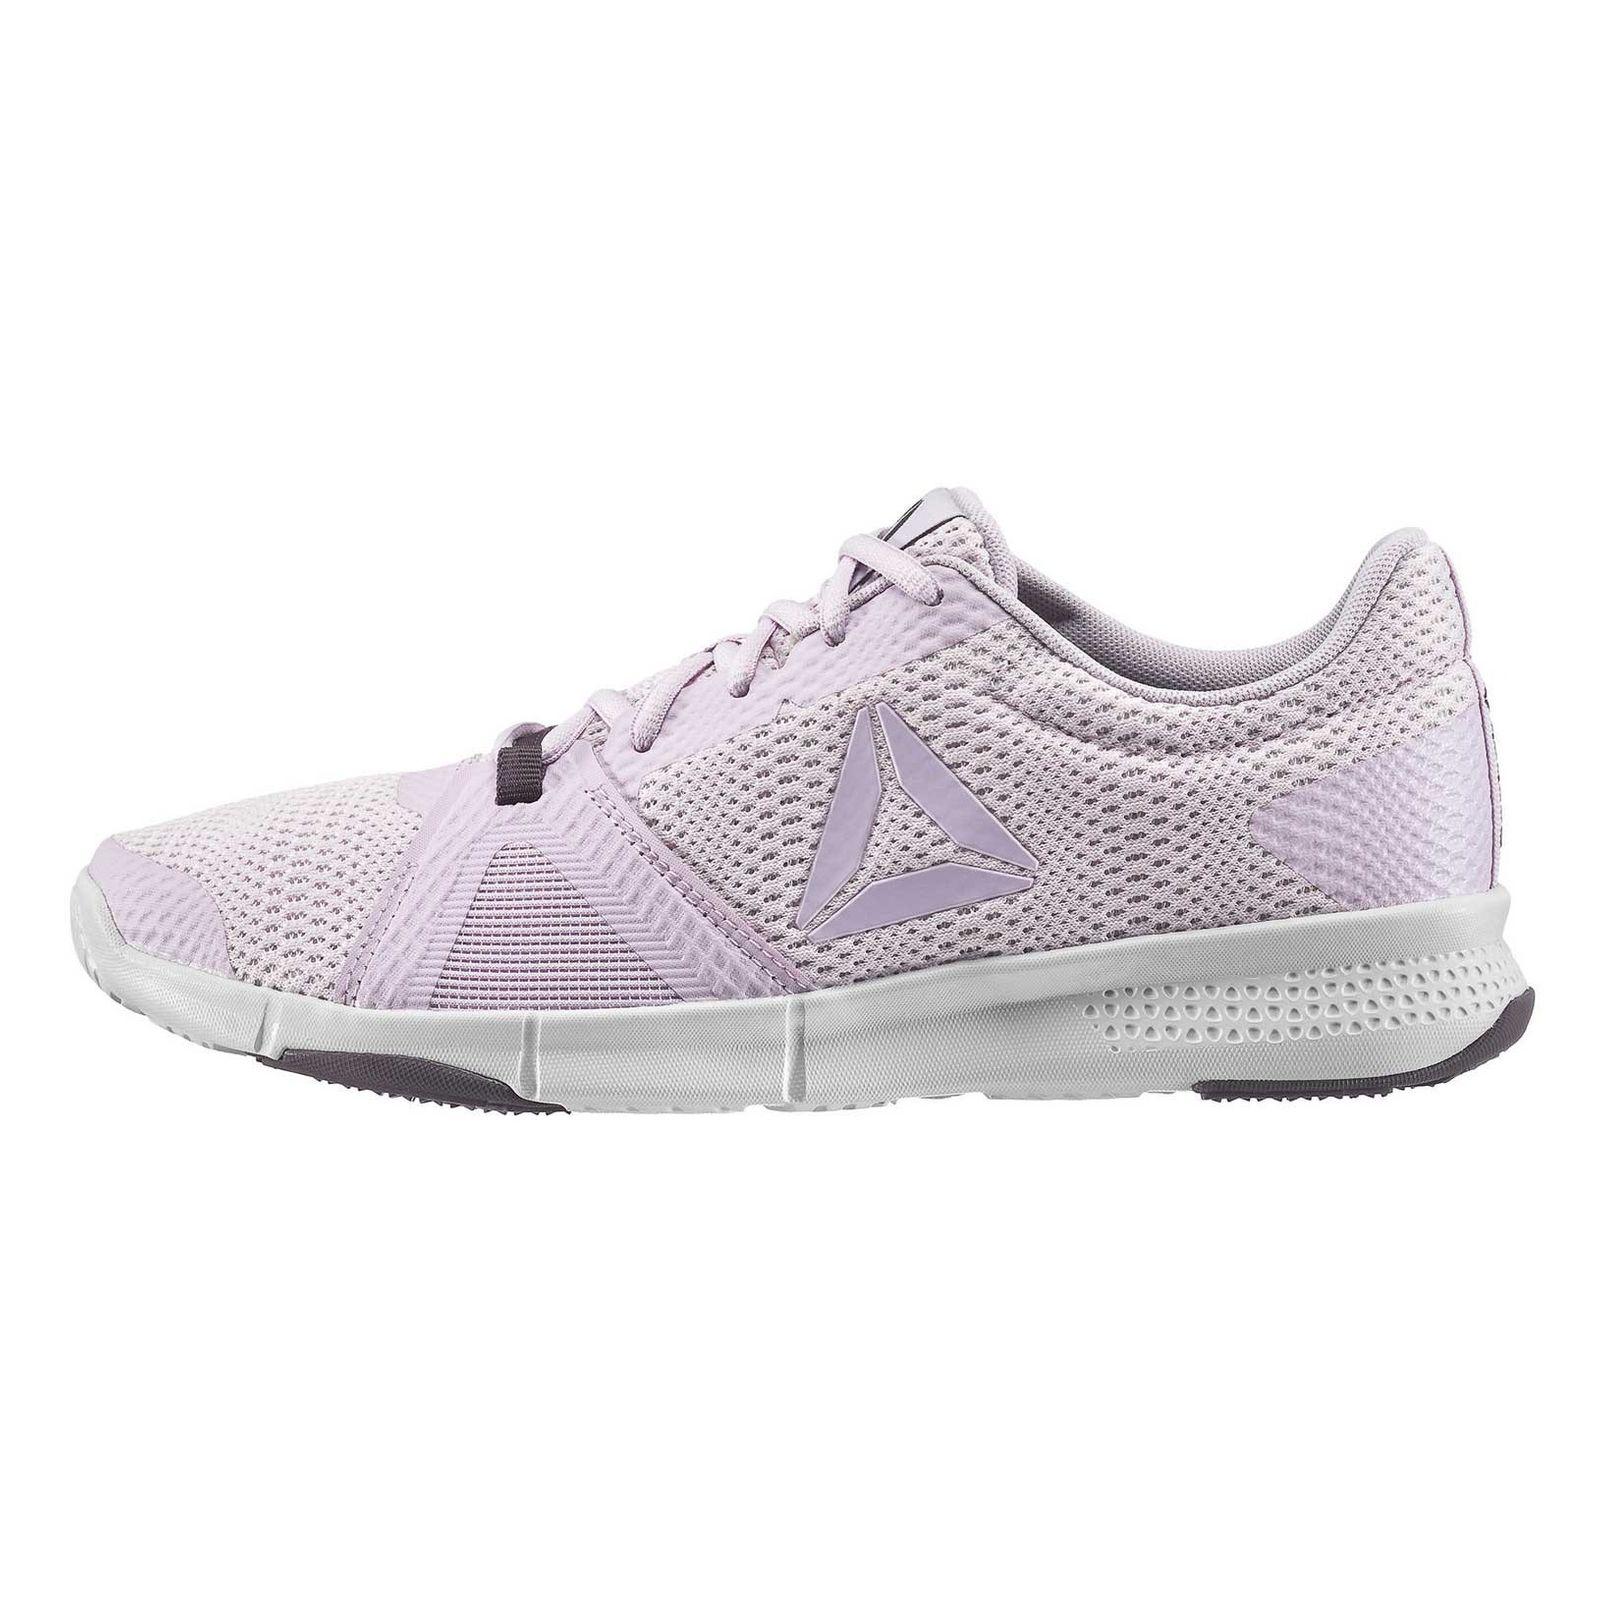 کفش تمرین بندی زنانه Flexile - ریباک - صورتی - 6